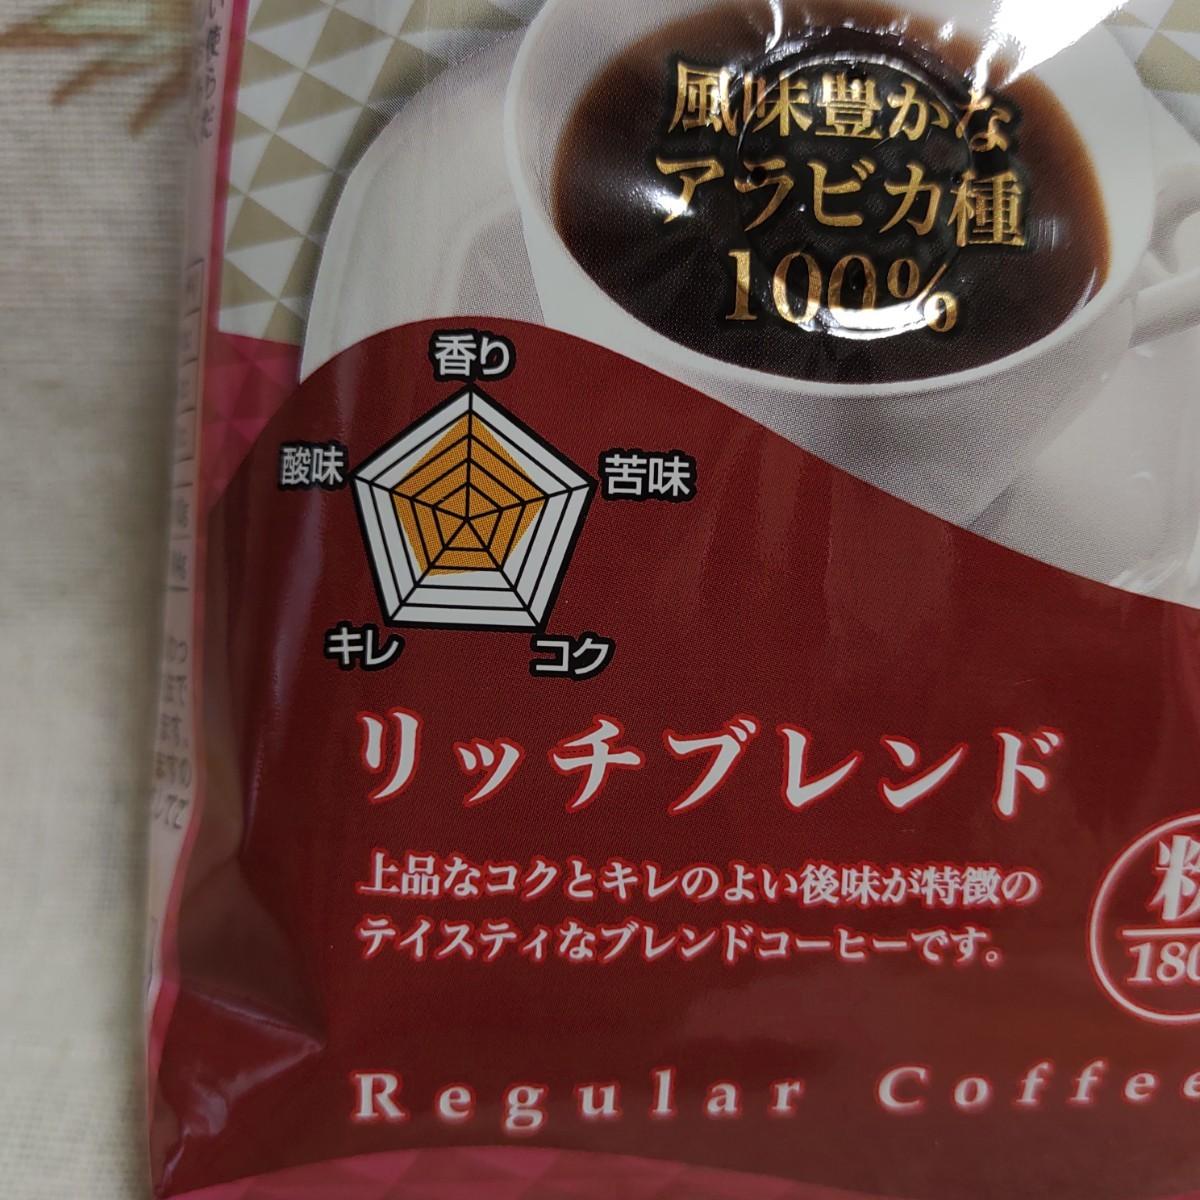 レギュラーコーヒー リッチブレンド